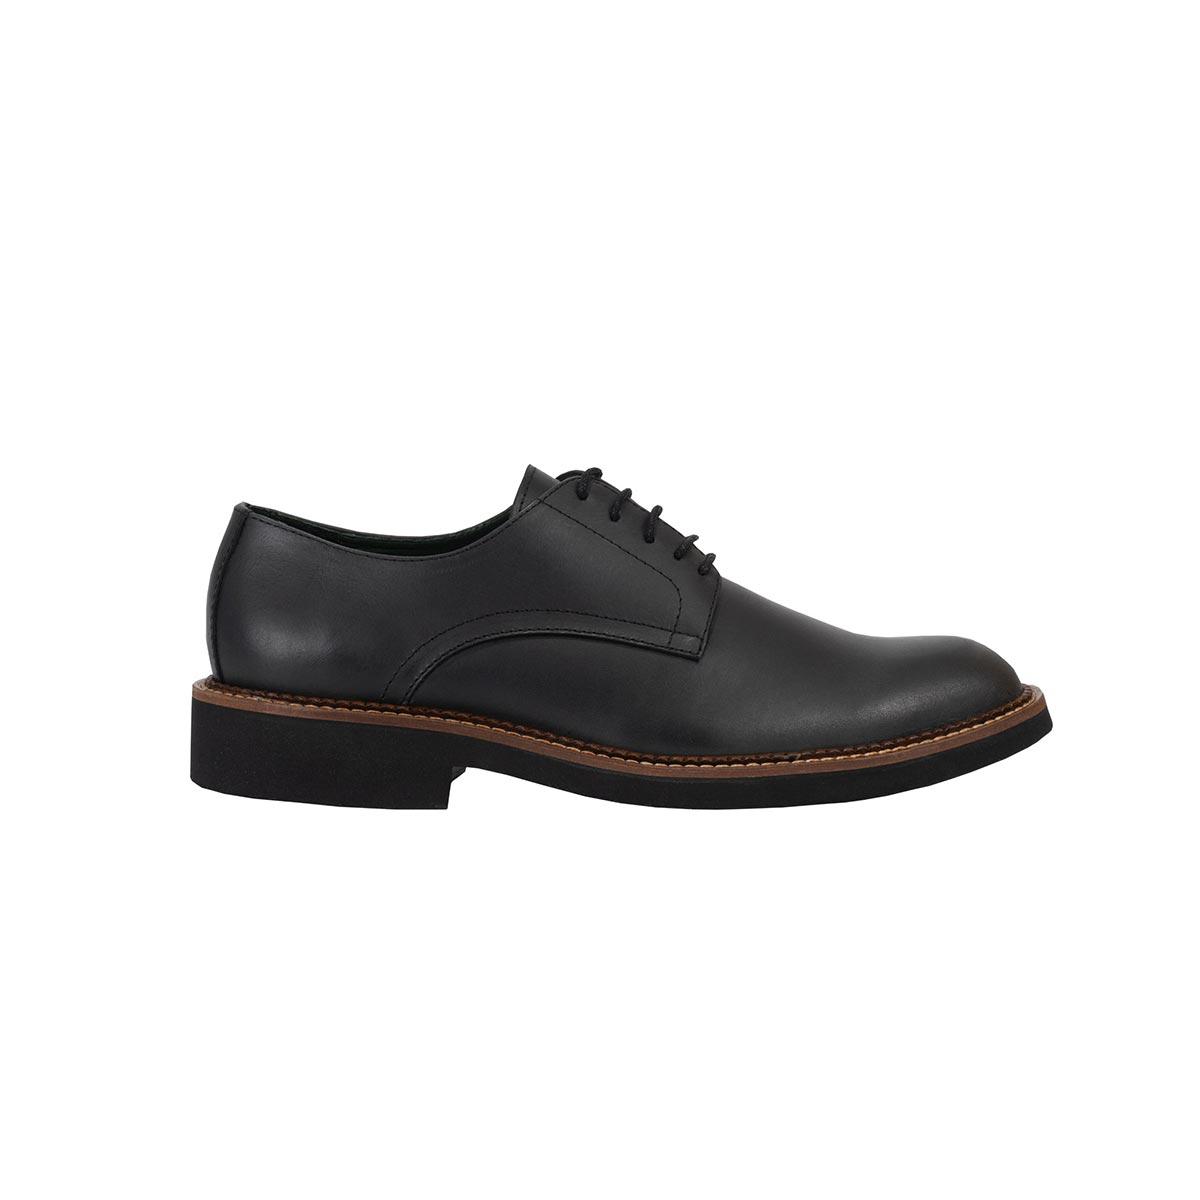 103-zapato-lateral